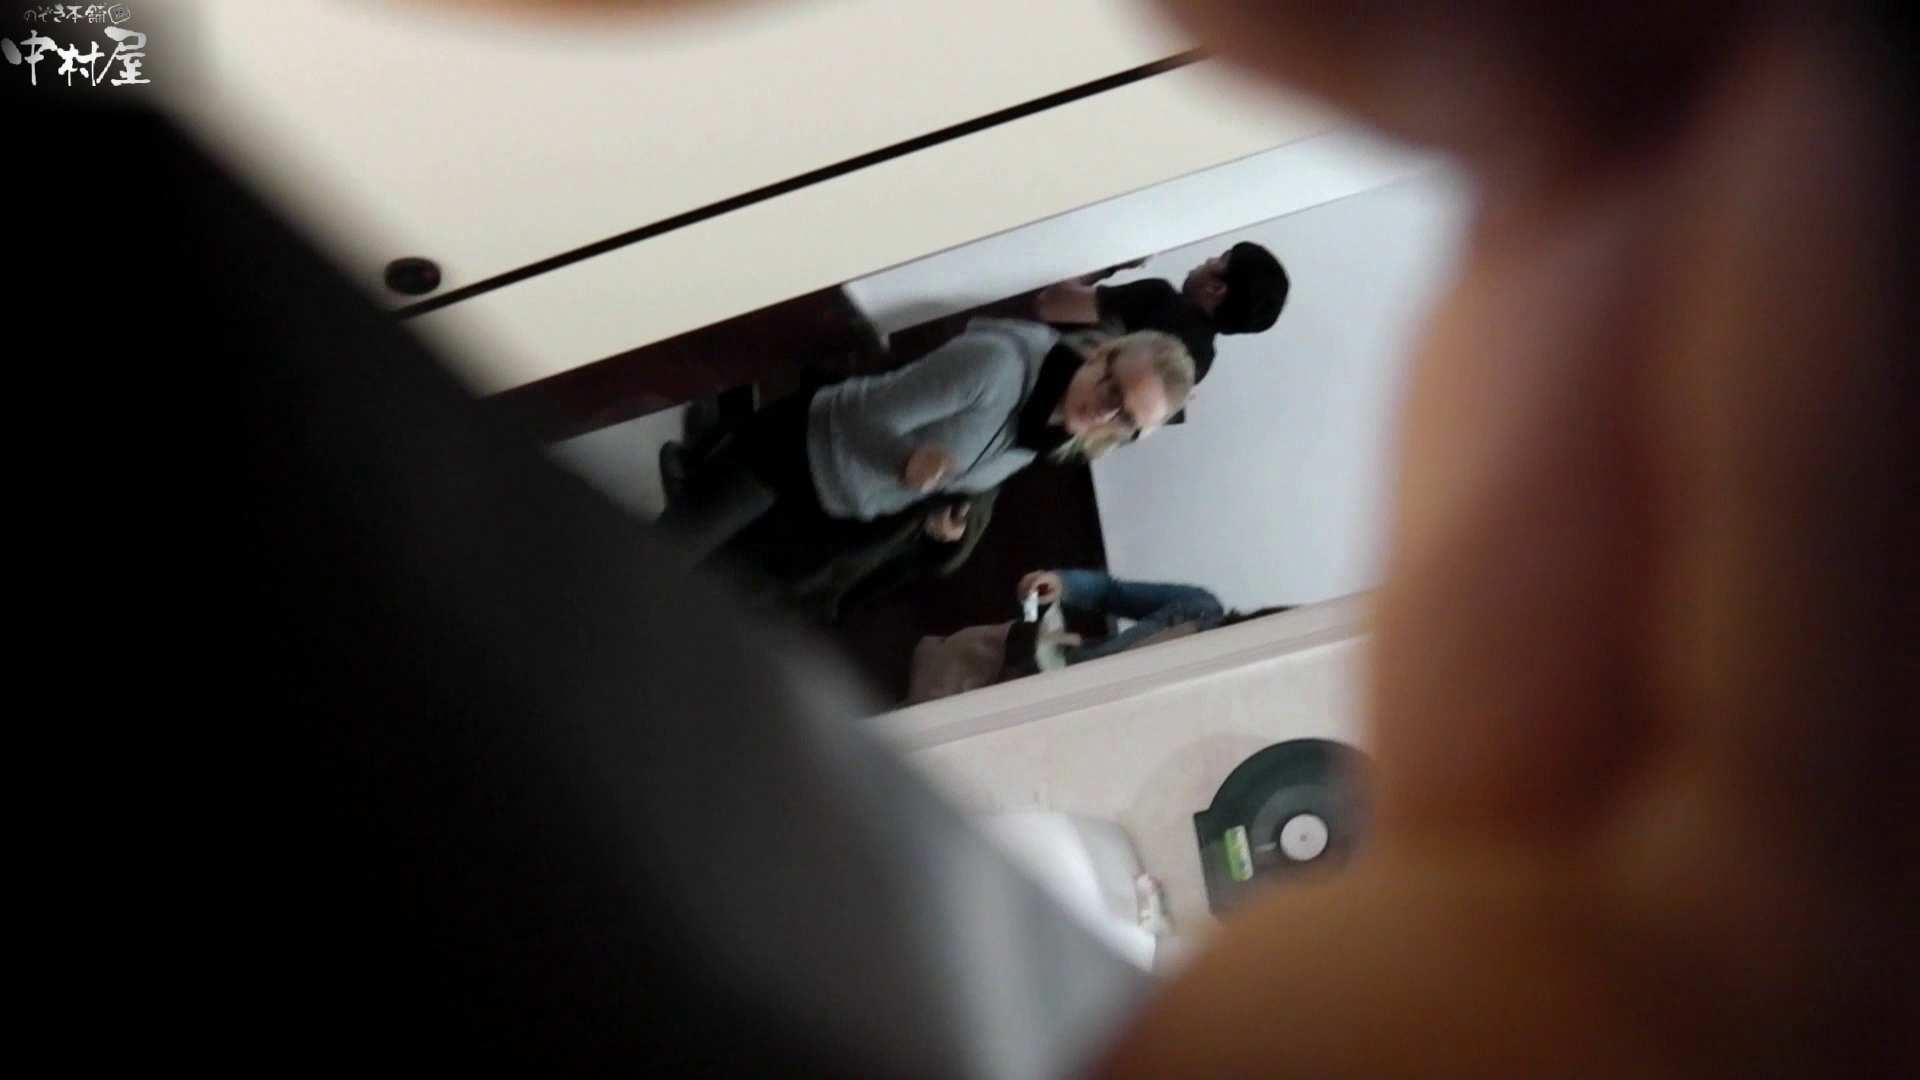 お市さんの「お尻丸出しジャンボリー」No.11 放尿 オマンコ無修正動画無料 103pic 75